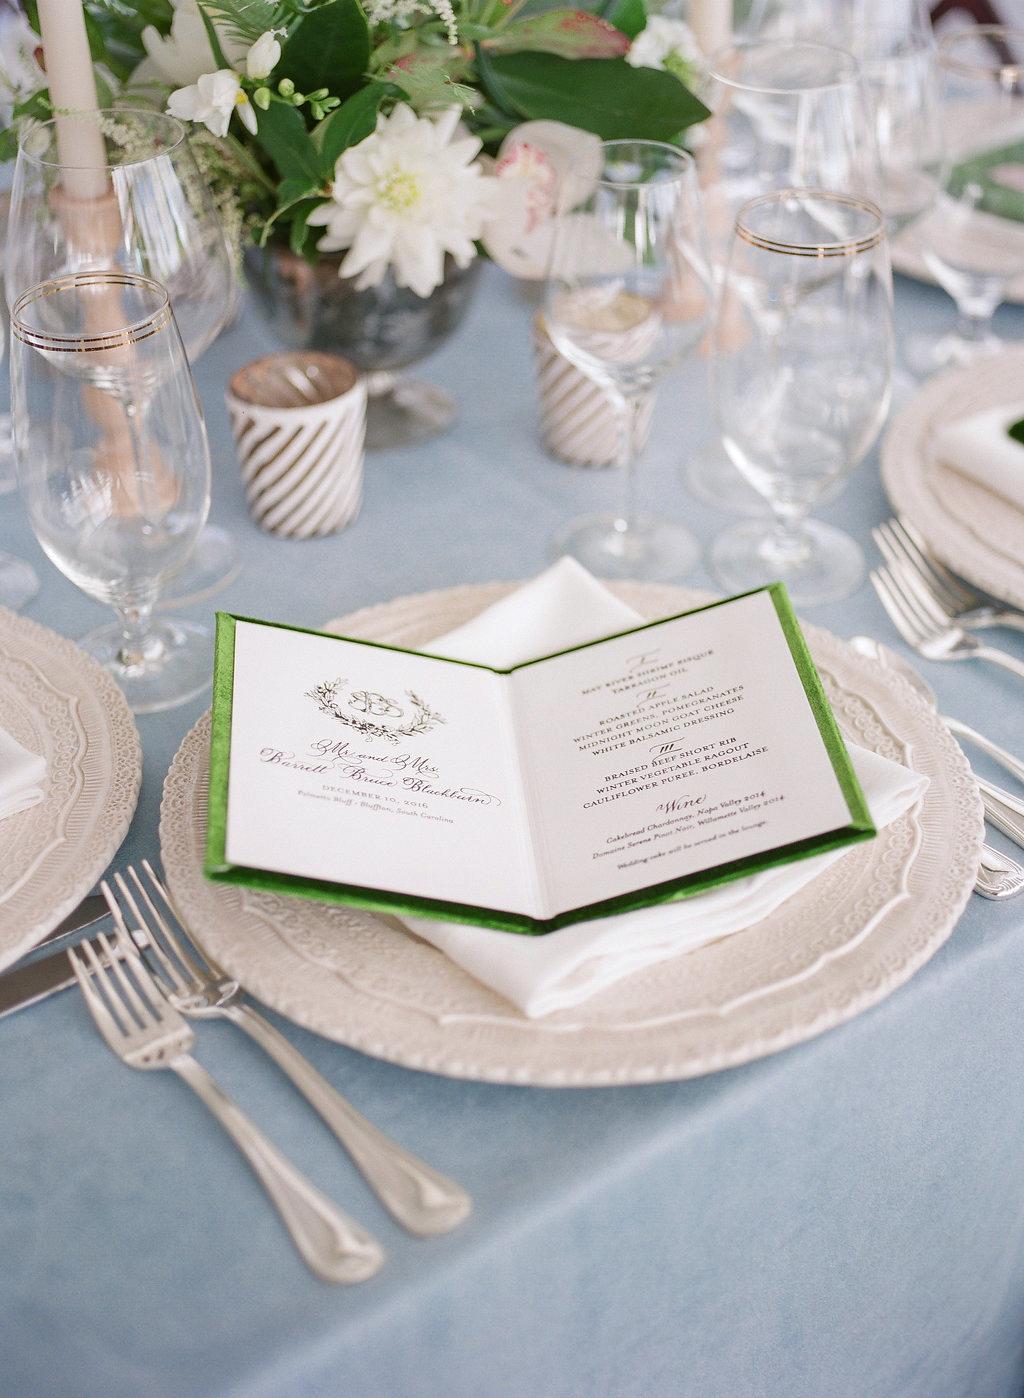 shelby barrett wedding menu